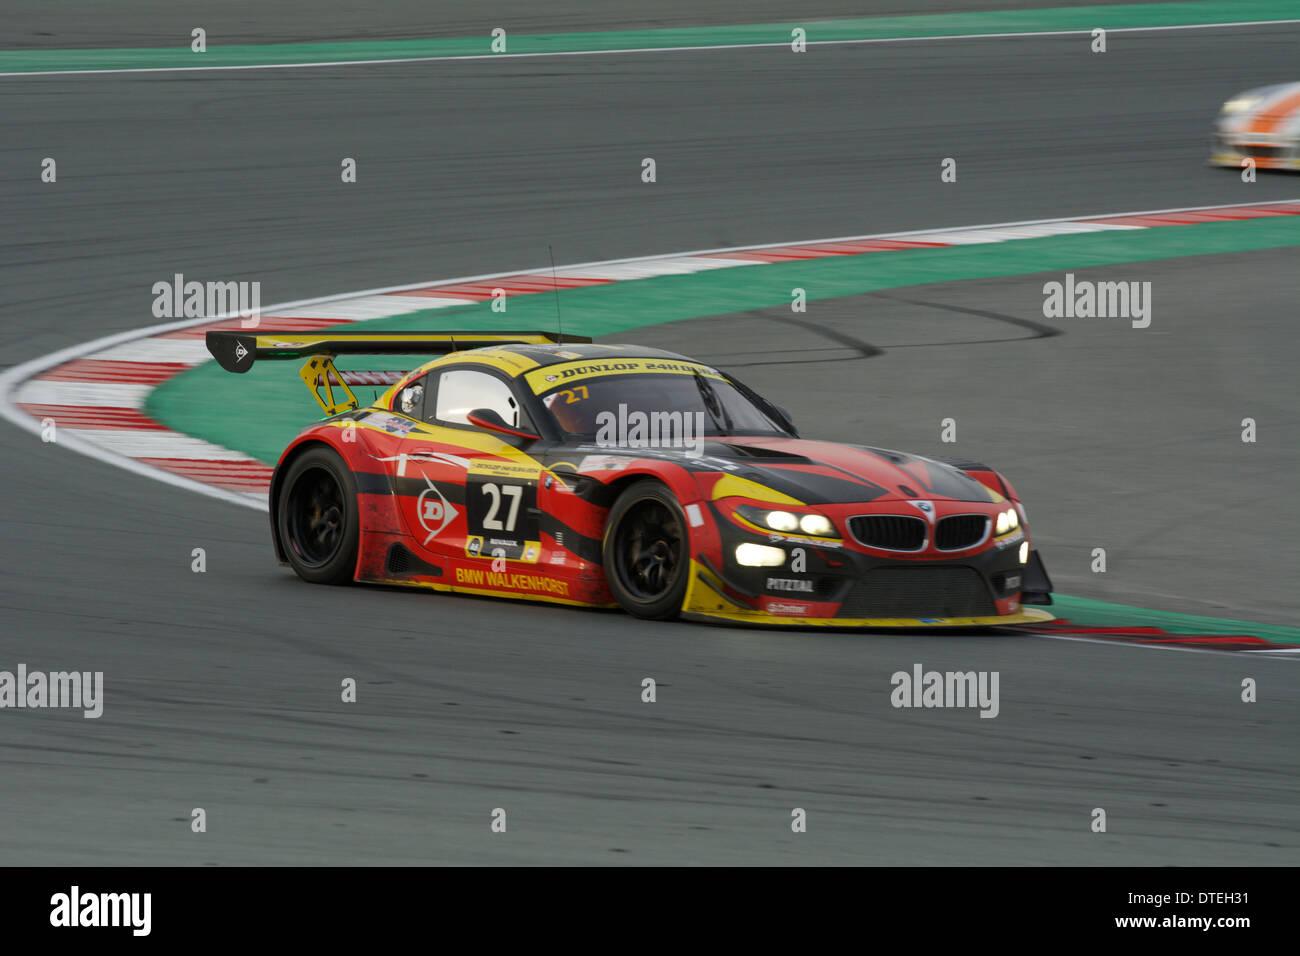 Walkenhorst Motorsport BMW Z4 GT3 Auto während der Dunlop 24h Dubai Autorennen in Dubai Autodrome Stockbild